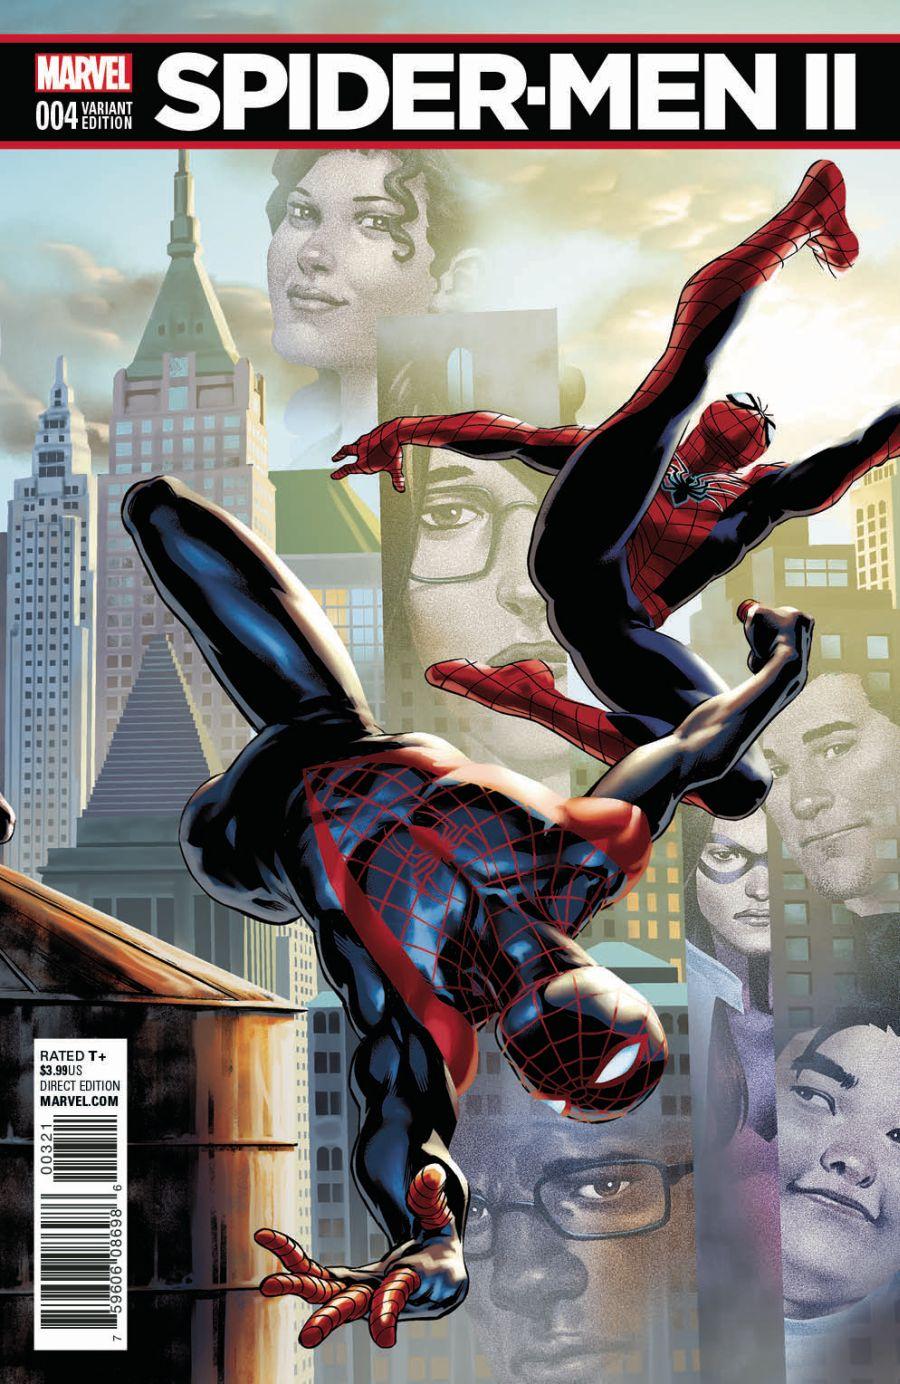 Spider-Men II #4